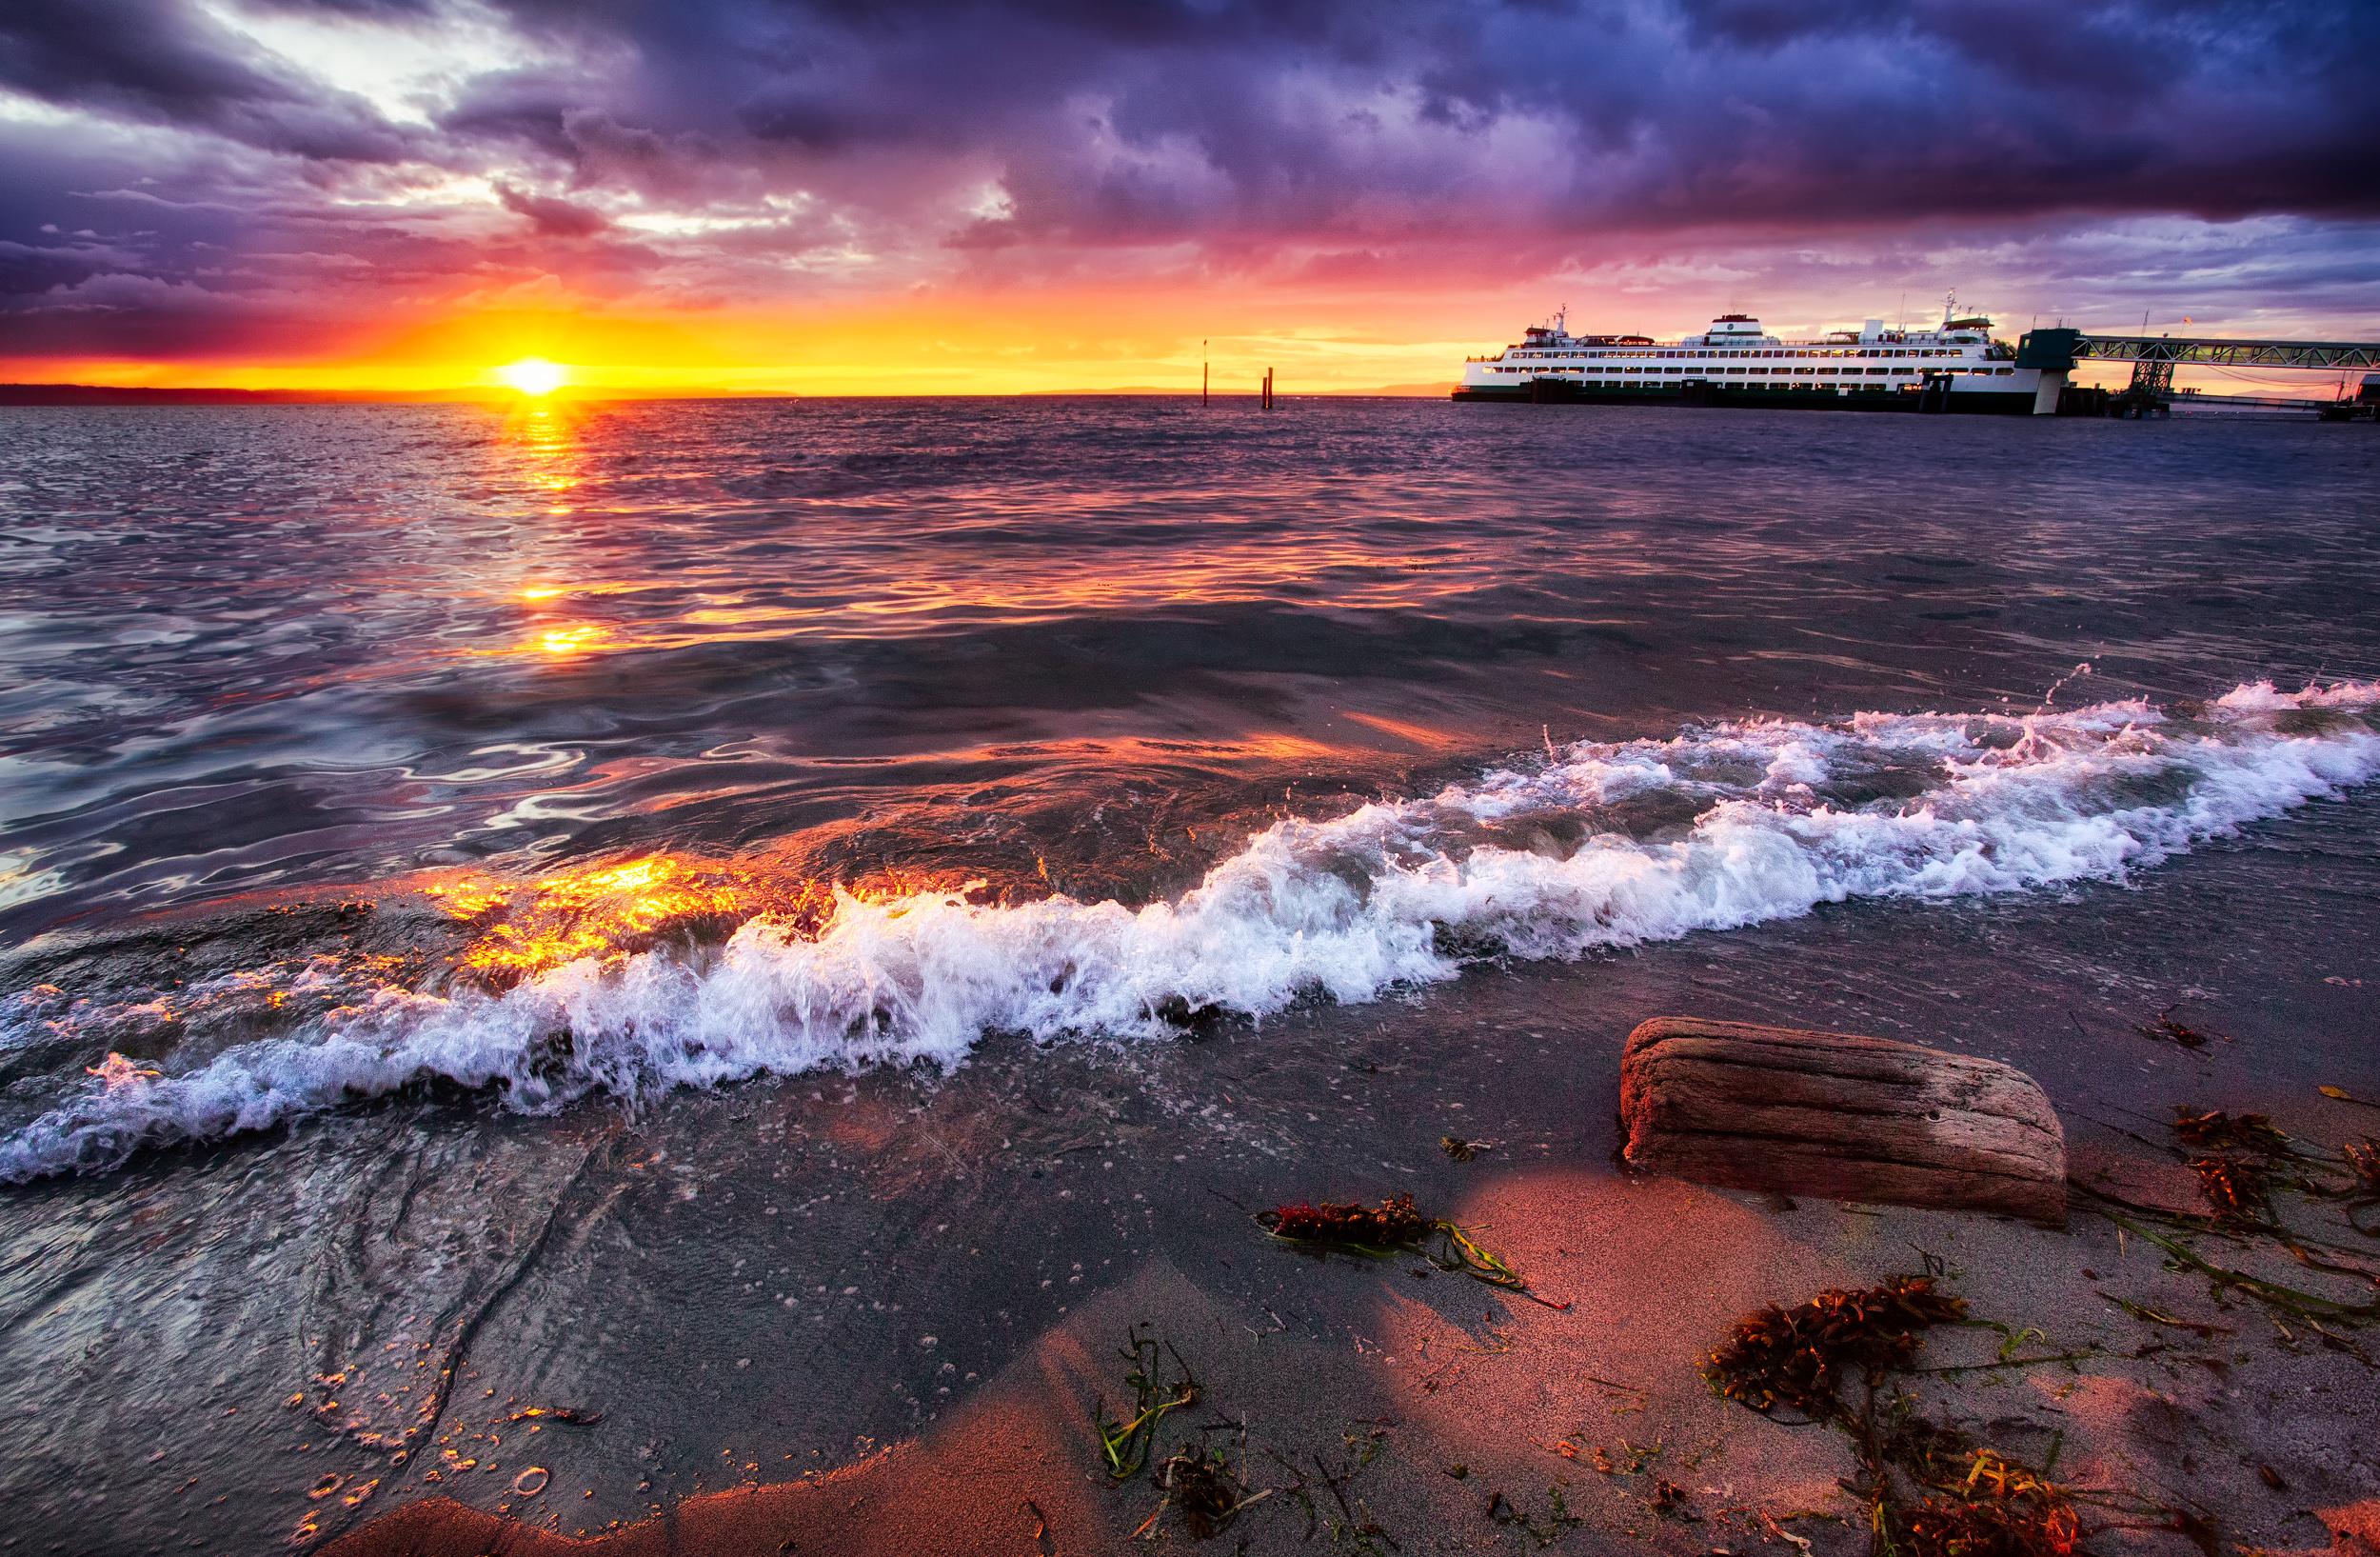 Beautiful Beach Sunset In Edmonds Washington By Michael Ma